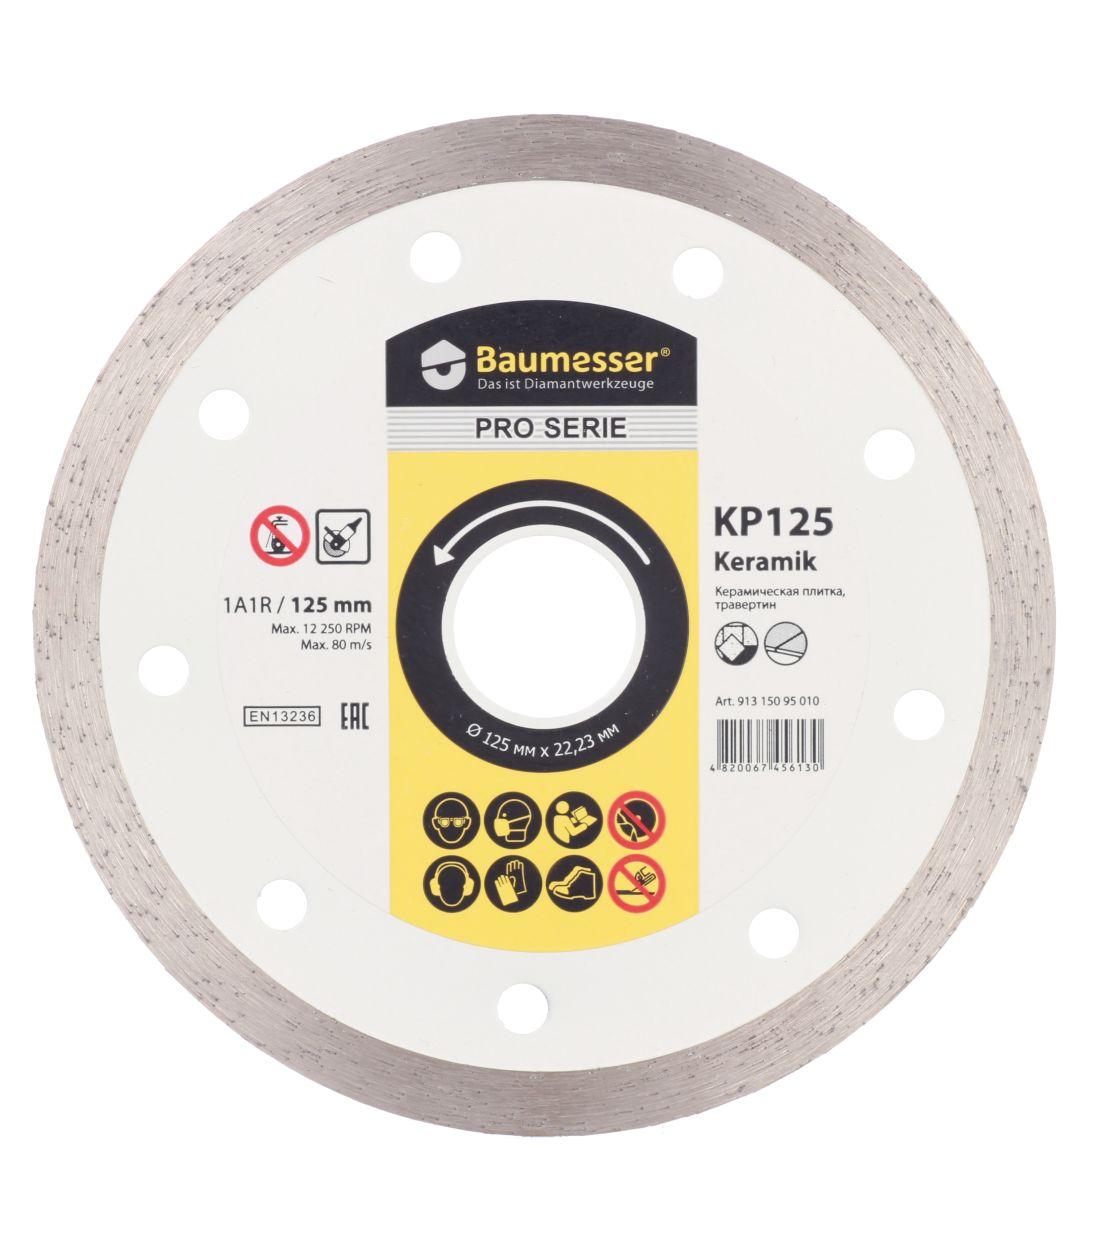 Диск алмазный сплошной по керамике Baumesser 125х1,4x22,2 мм диск алмазный сплошной по керамике hard ceramics 150х25 4 мм distar 11120048012